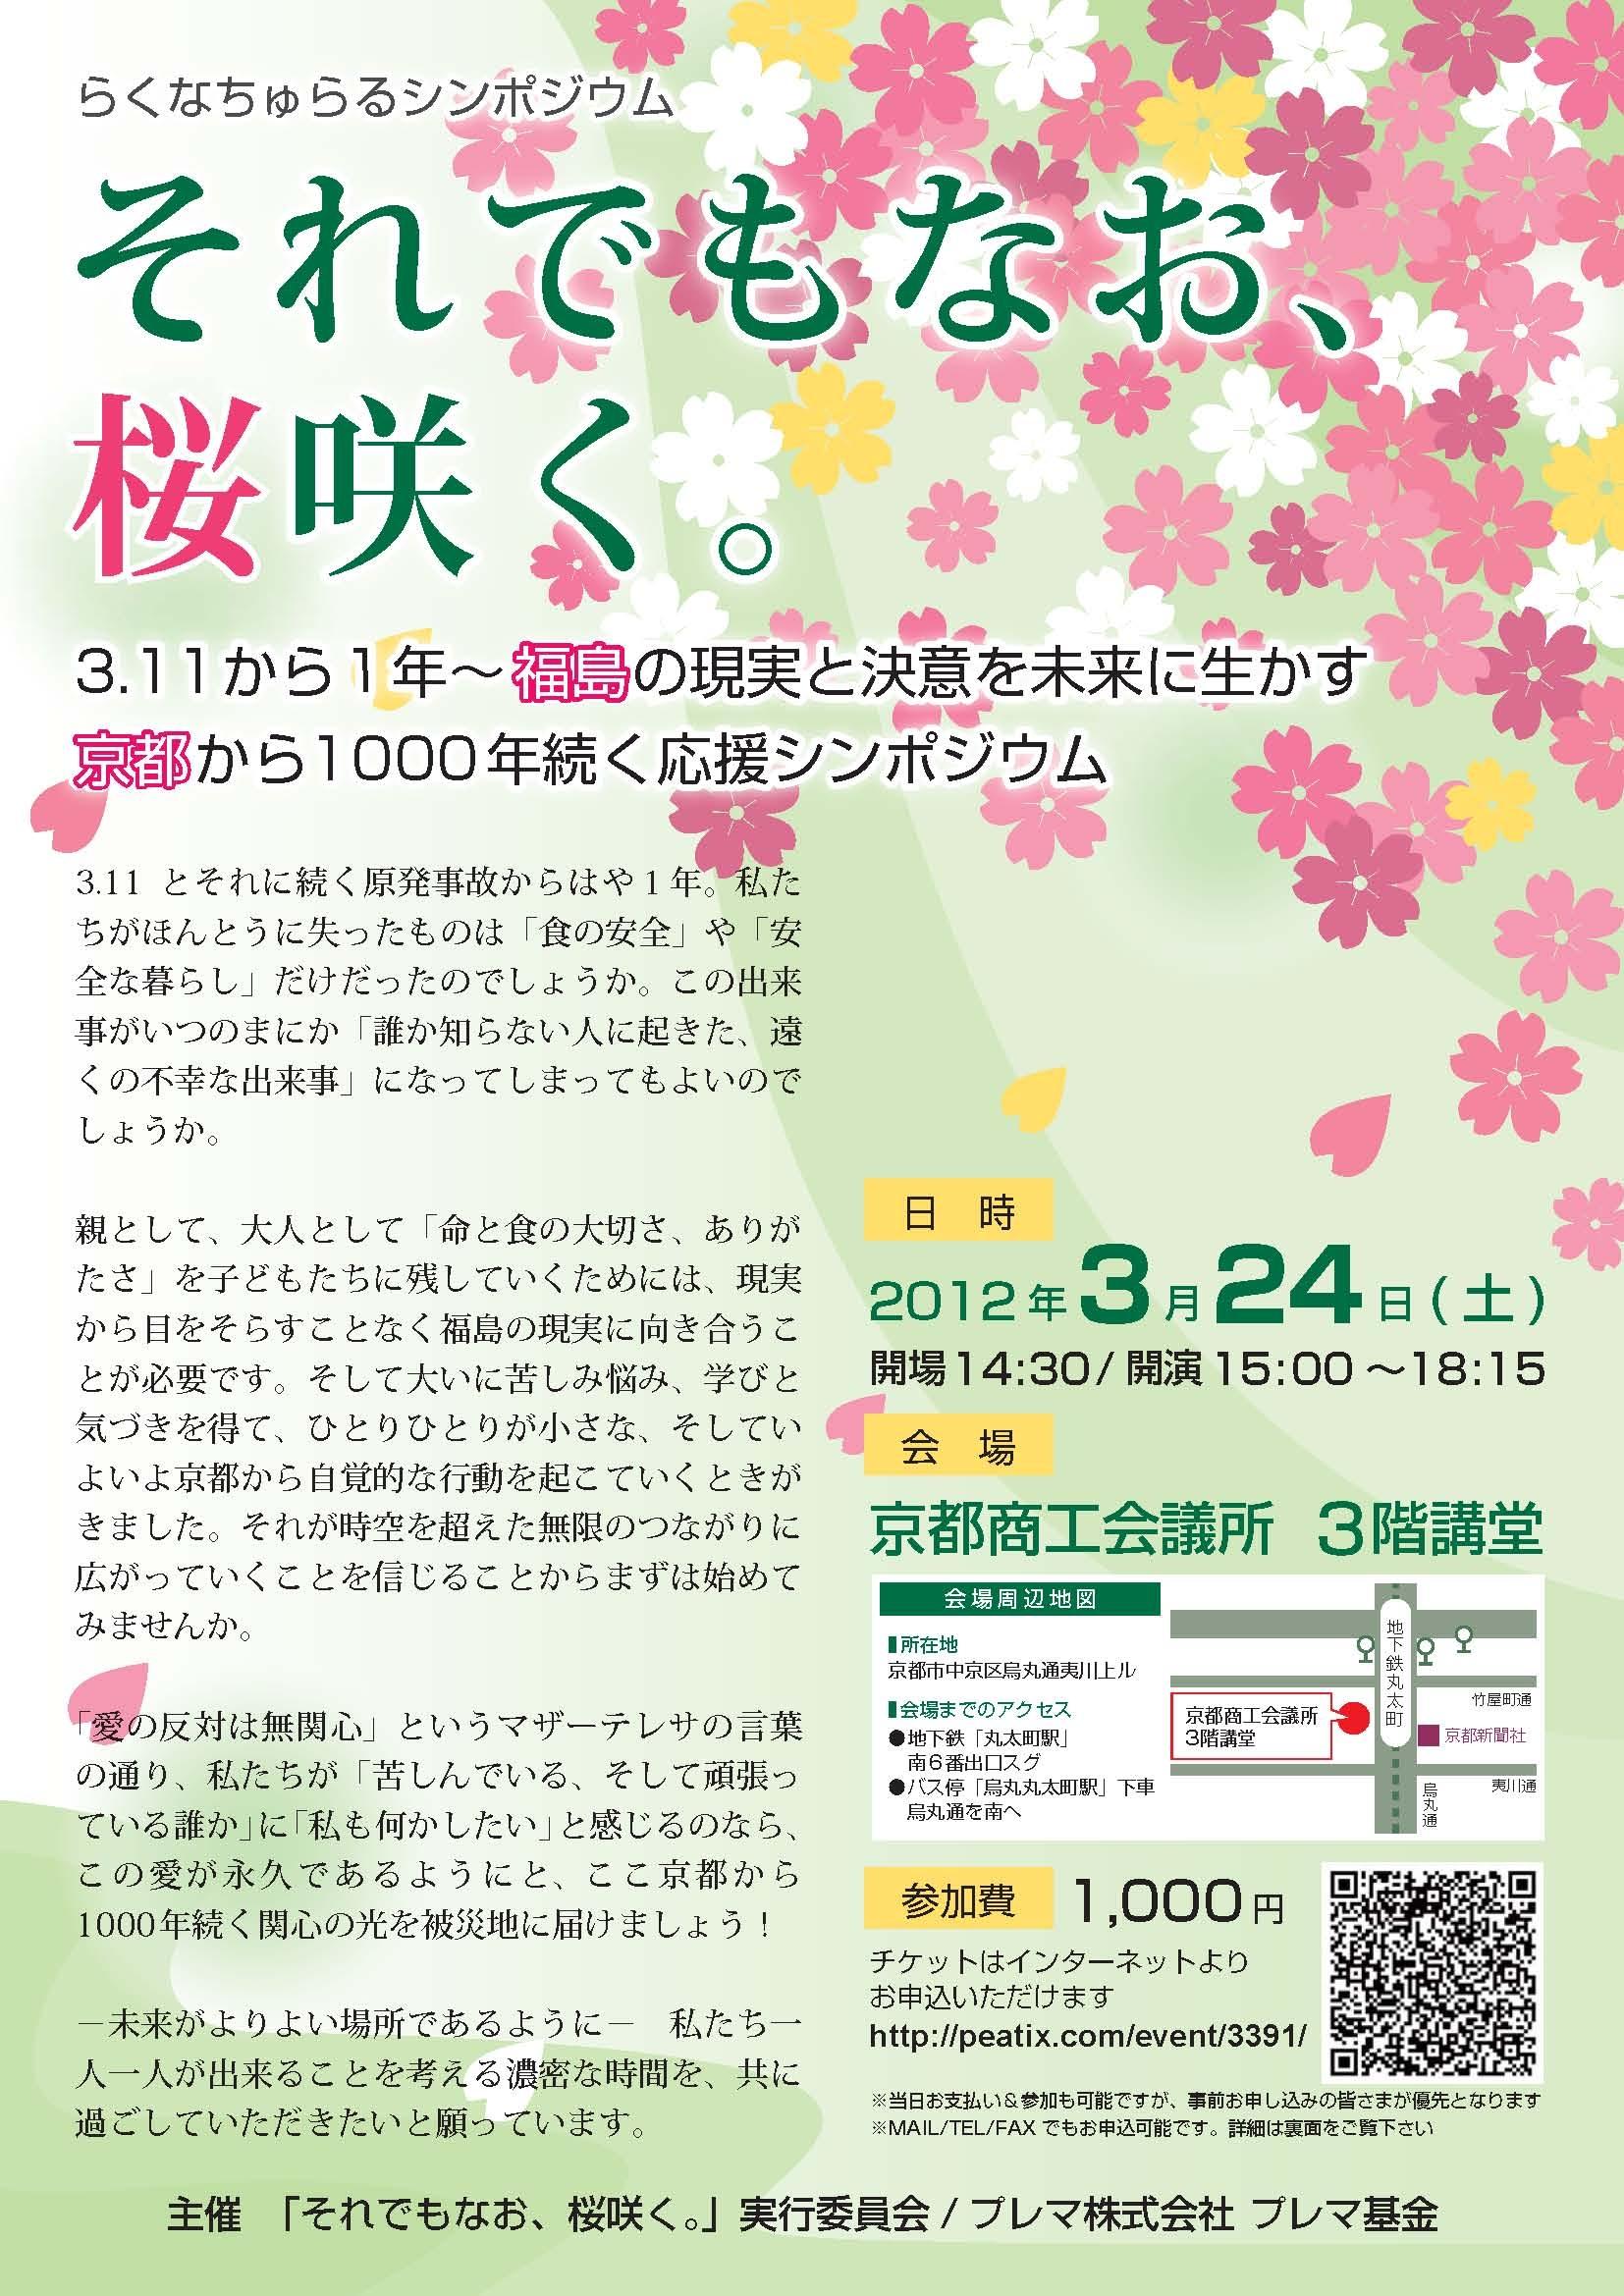 12-03-24sakura-saku_1.jpg